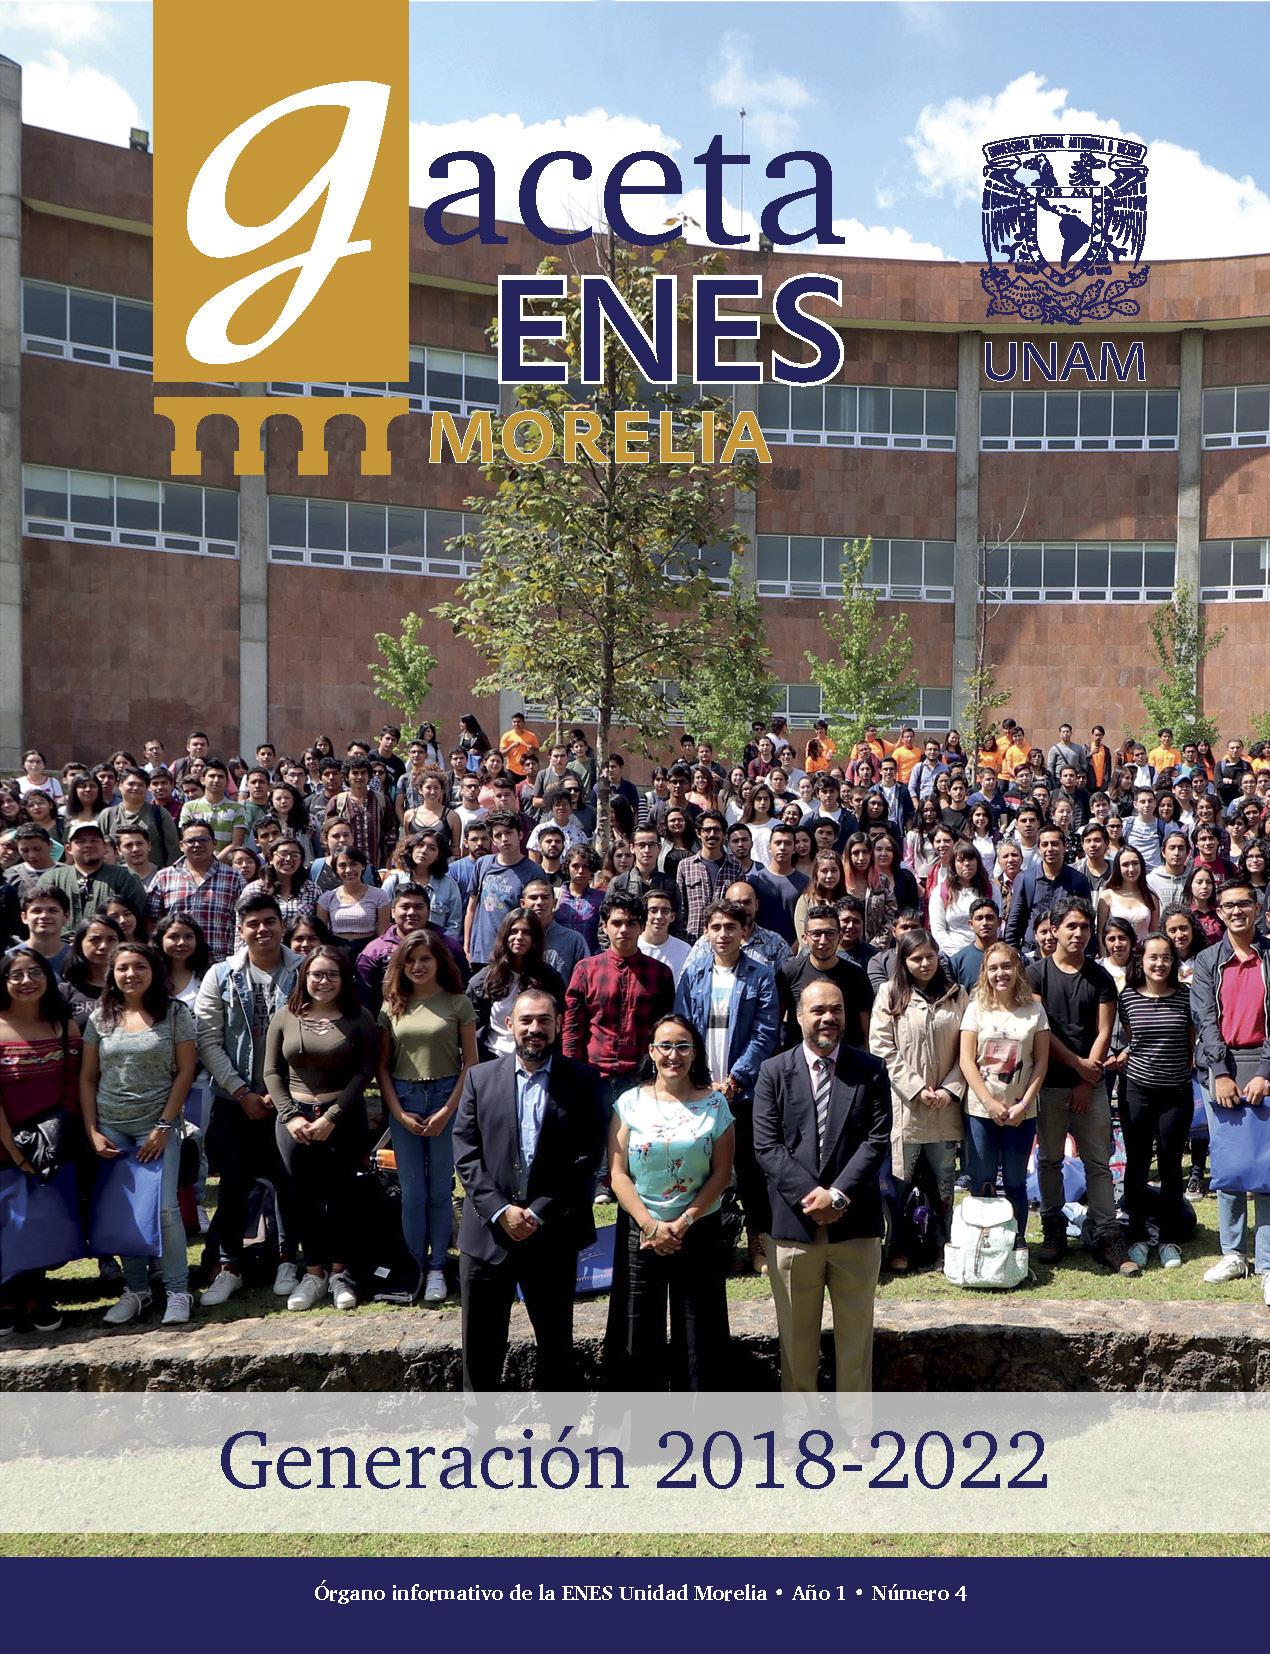 Gaceta-ENES-Morelia-04-2018_Página_1